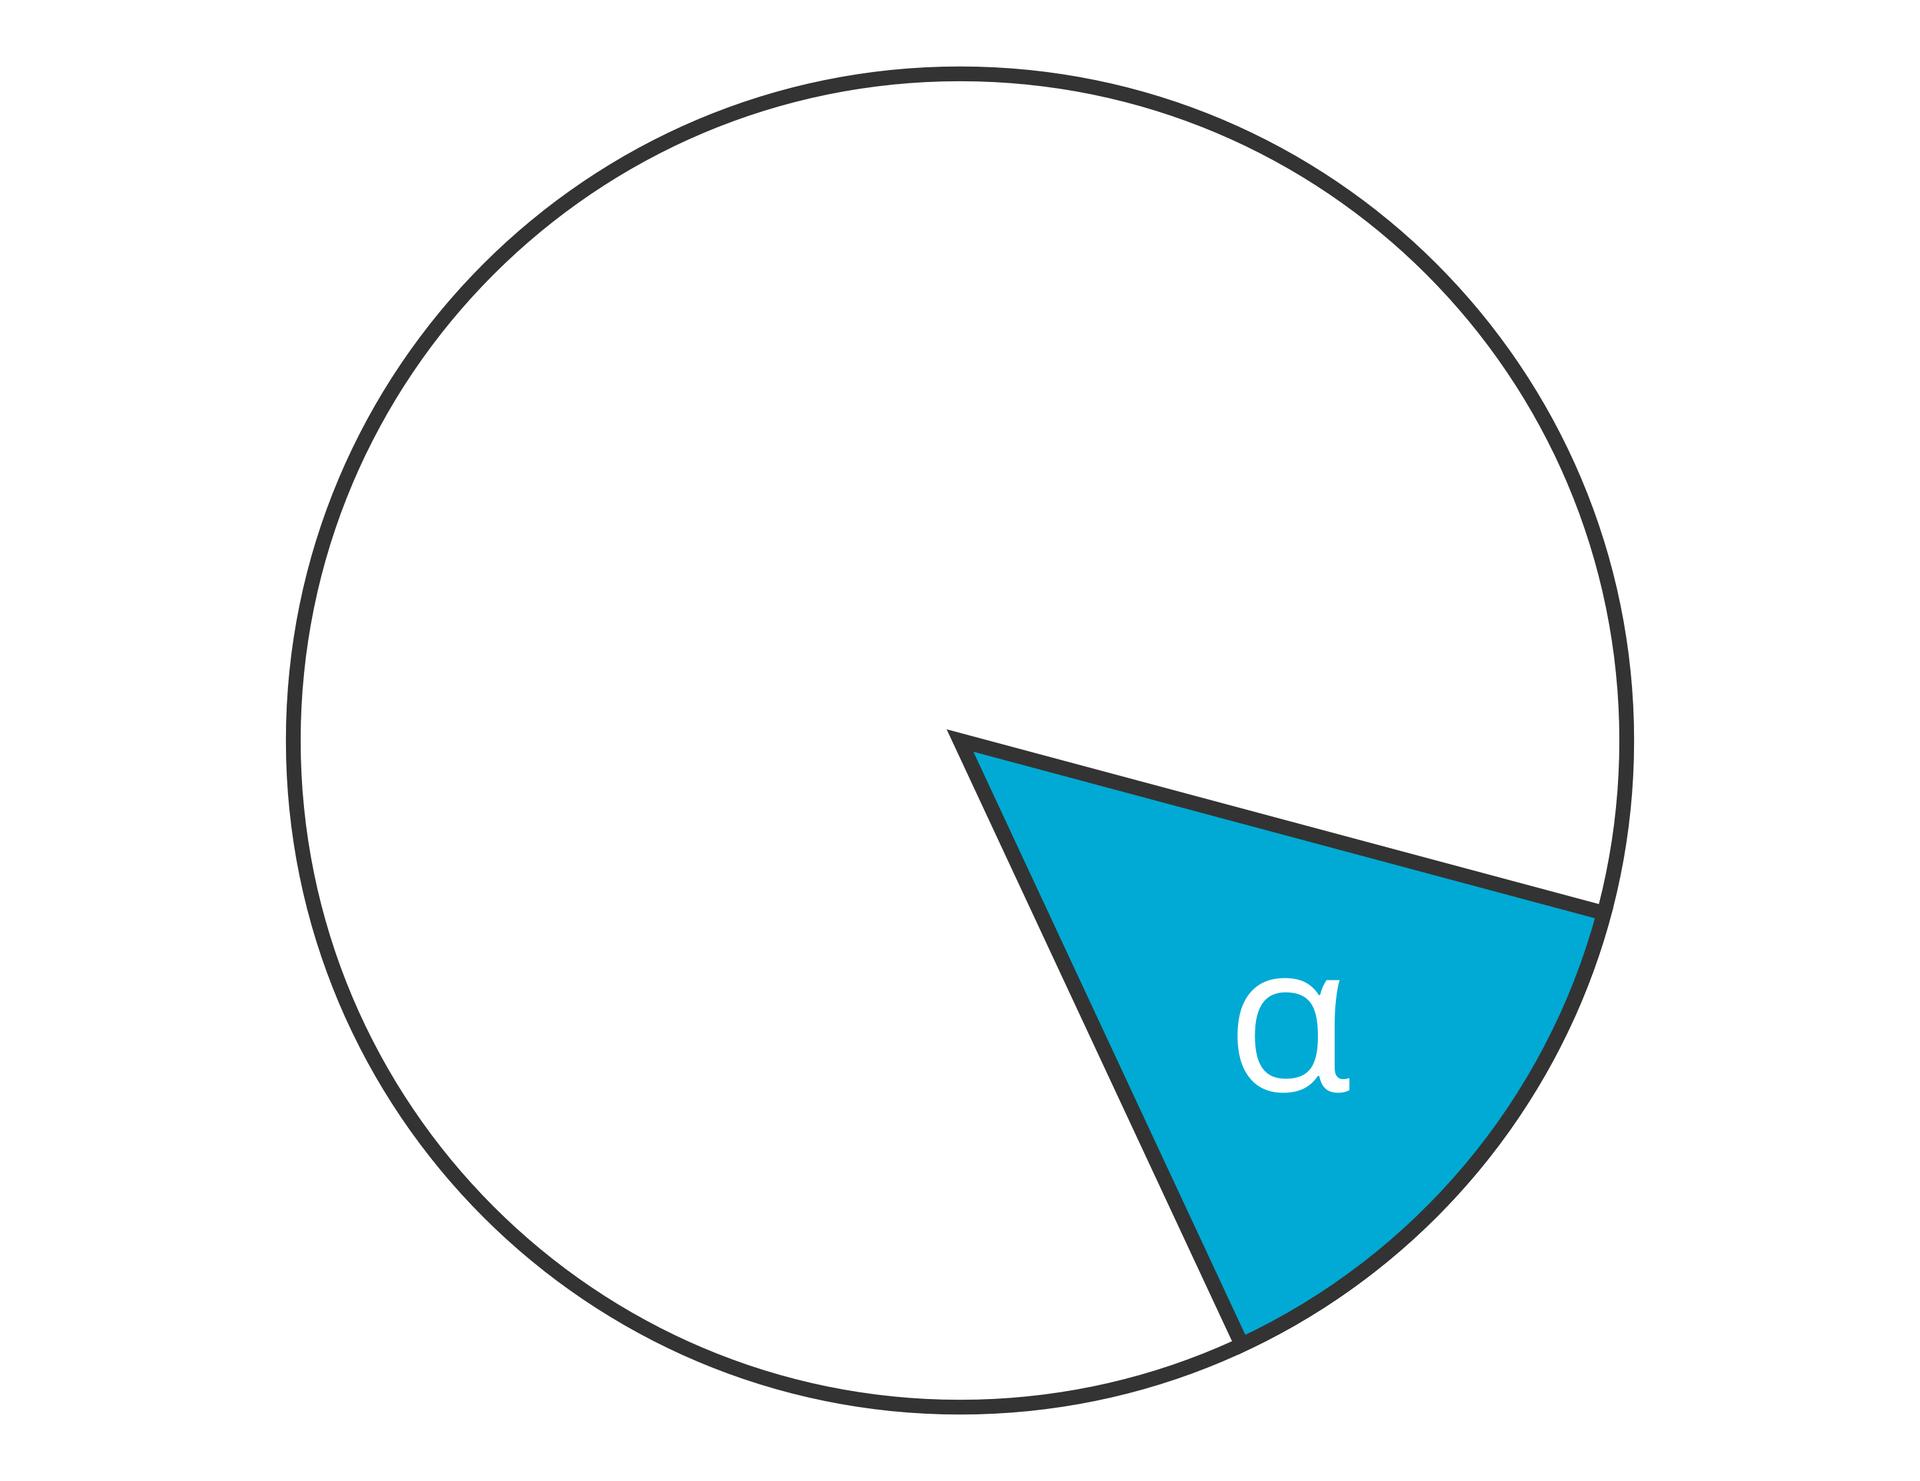 Prędkość kątowa to stosunek kąta α do czasu, wktórym został zakreślony